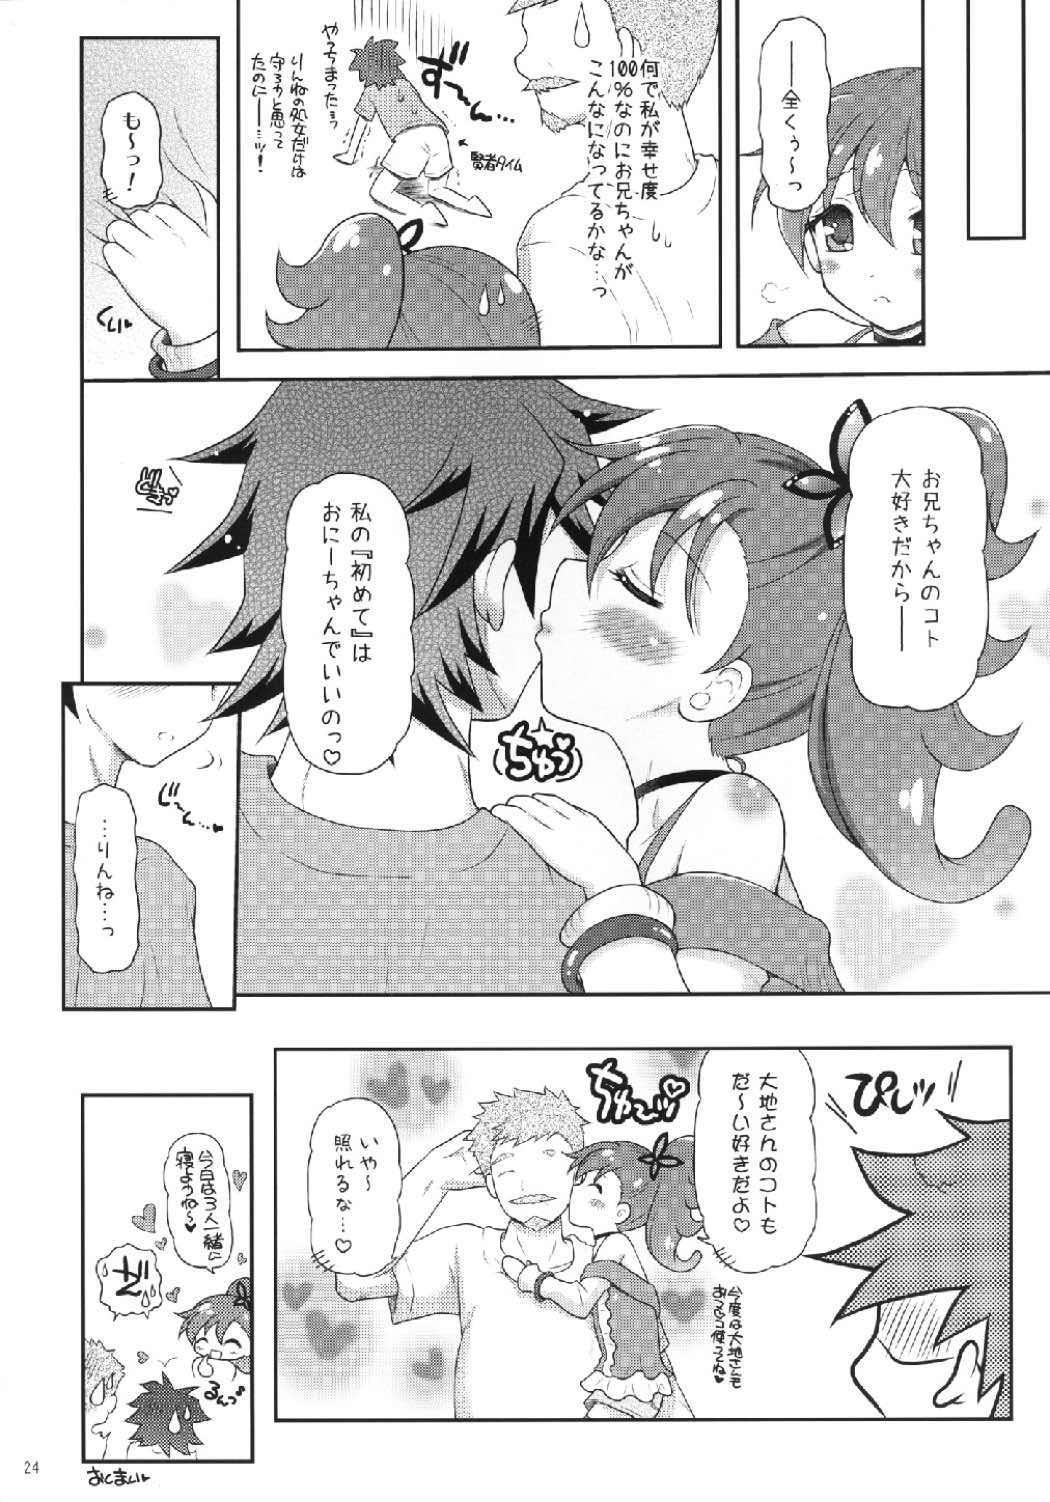 (SHT2013 Haru) [Yudenakya Nama-Beer (Uzura no Tamago)] Onii-chans to Aisare Rinne-chan (Chousoku Henkei Gyrozetter) 23